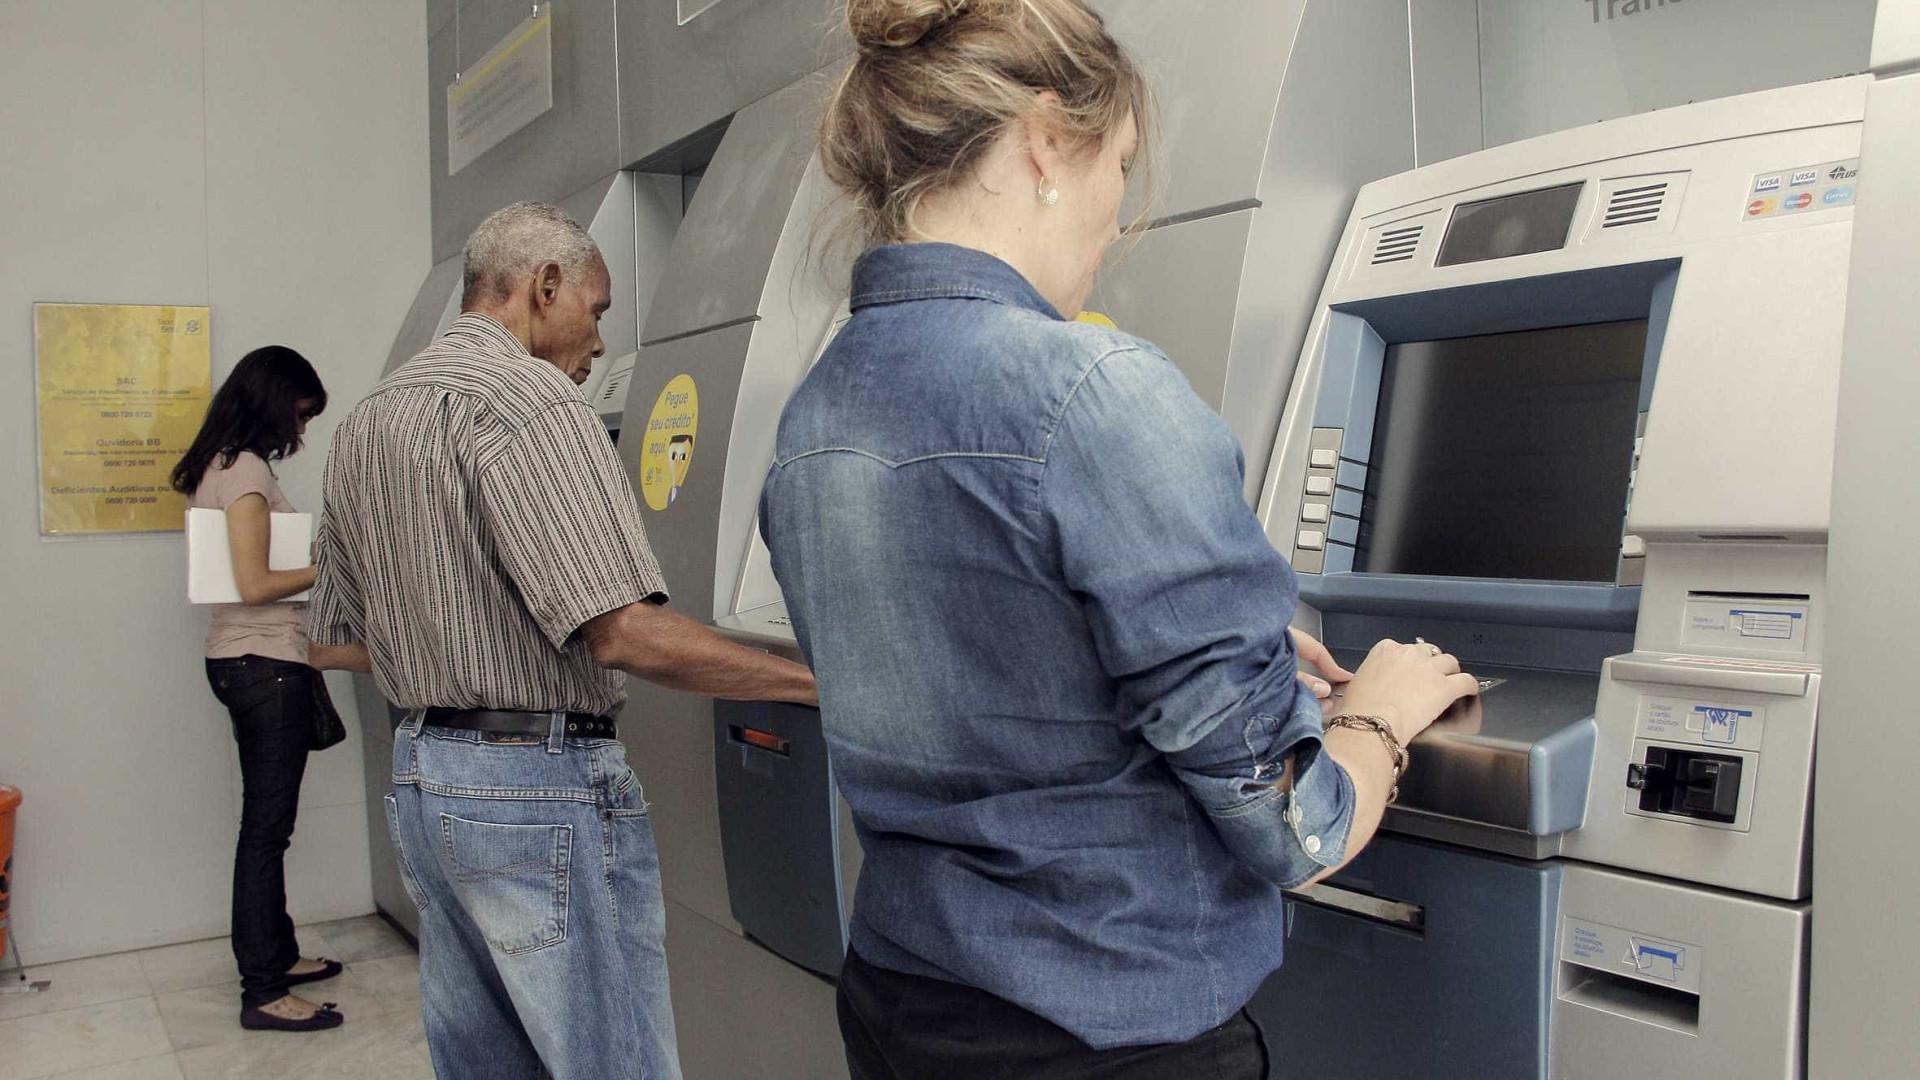 Vai deixar no débito automático? Procon-SP orienta sobre pagamentos